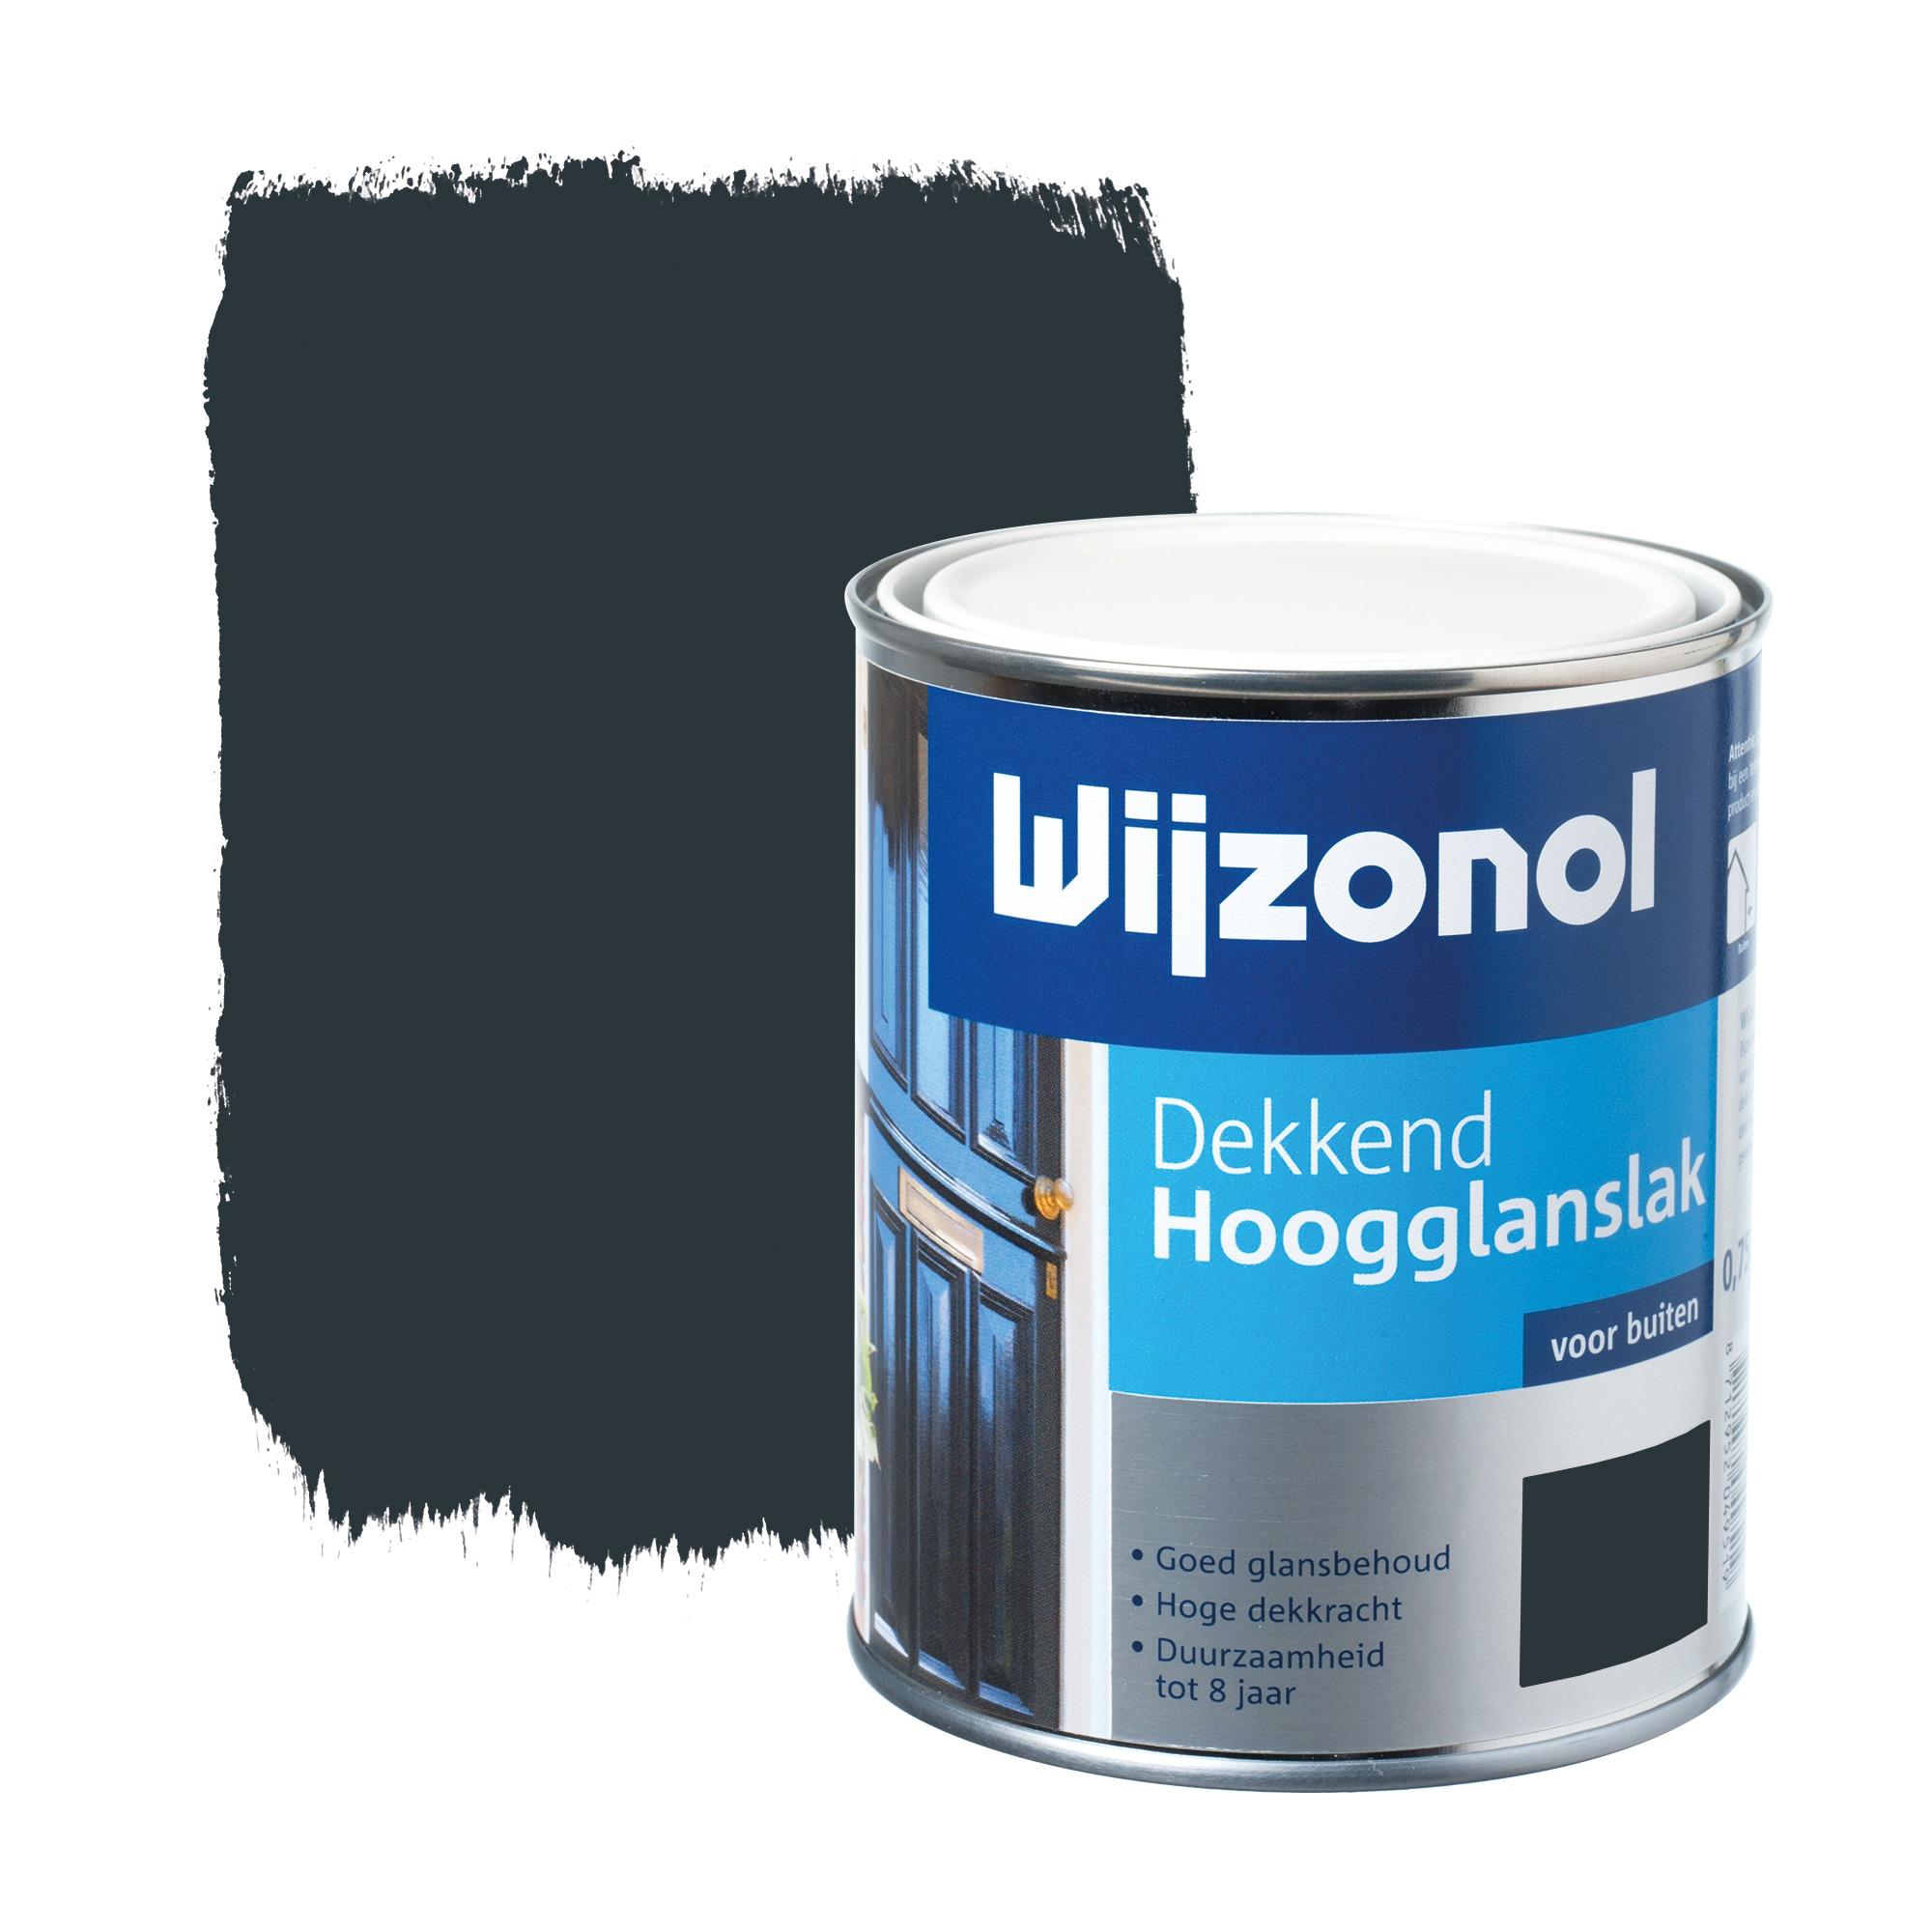 Wijzonol rm buitenverf hoogglanslak dekkend alkyd koningsblauw 750 ml